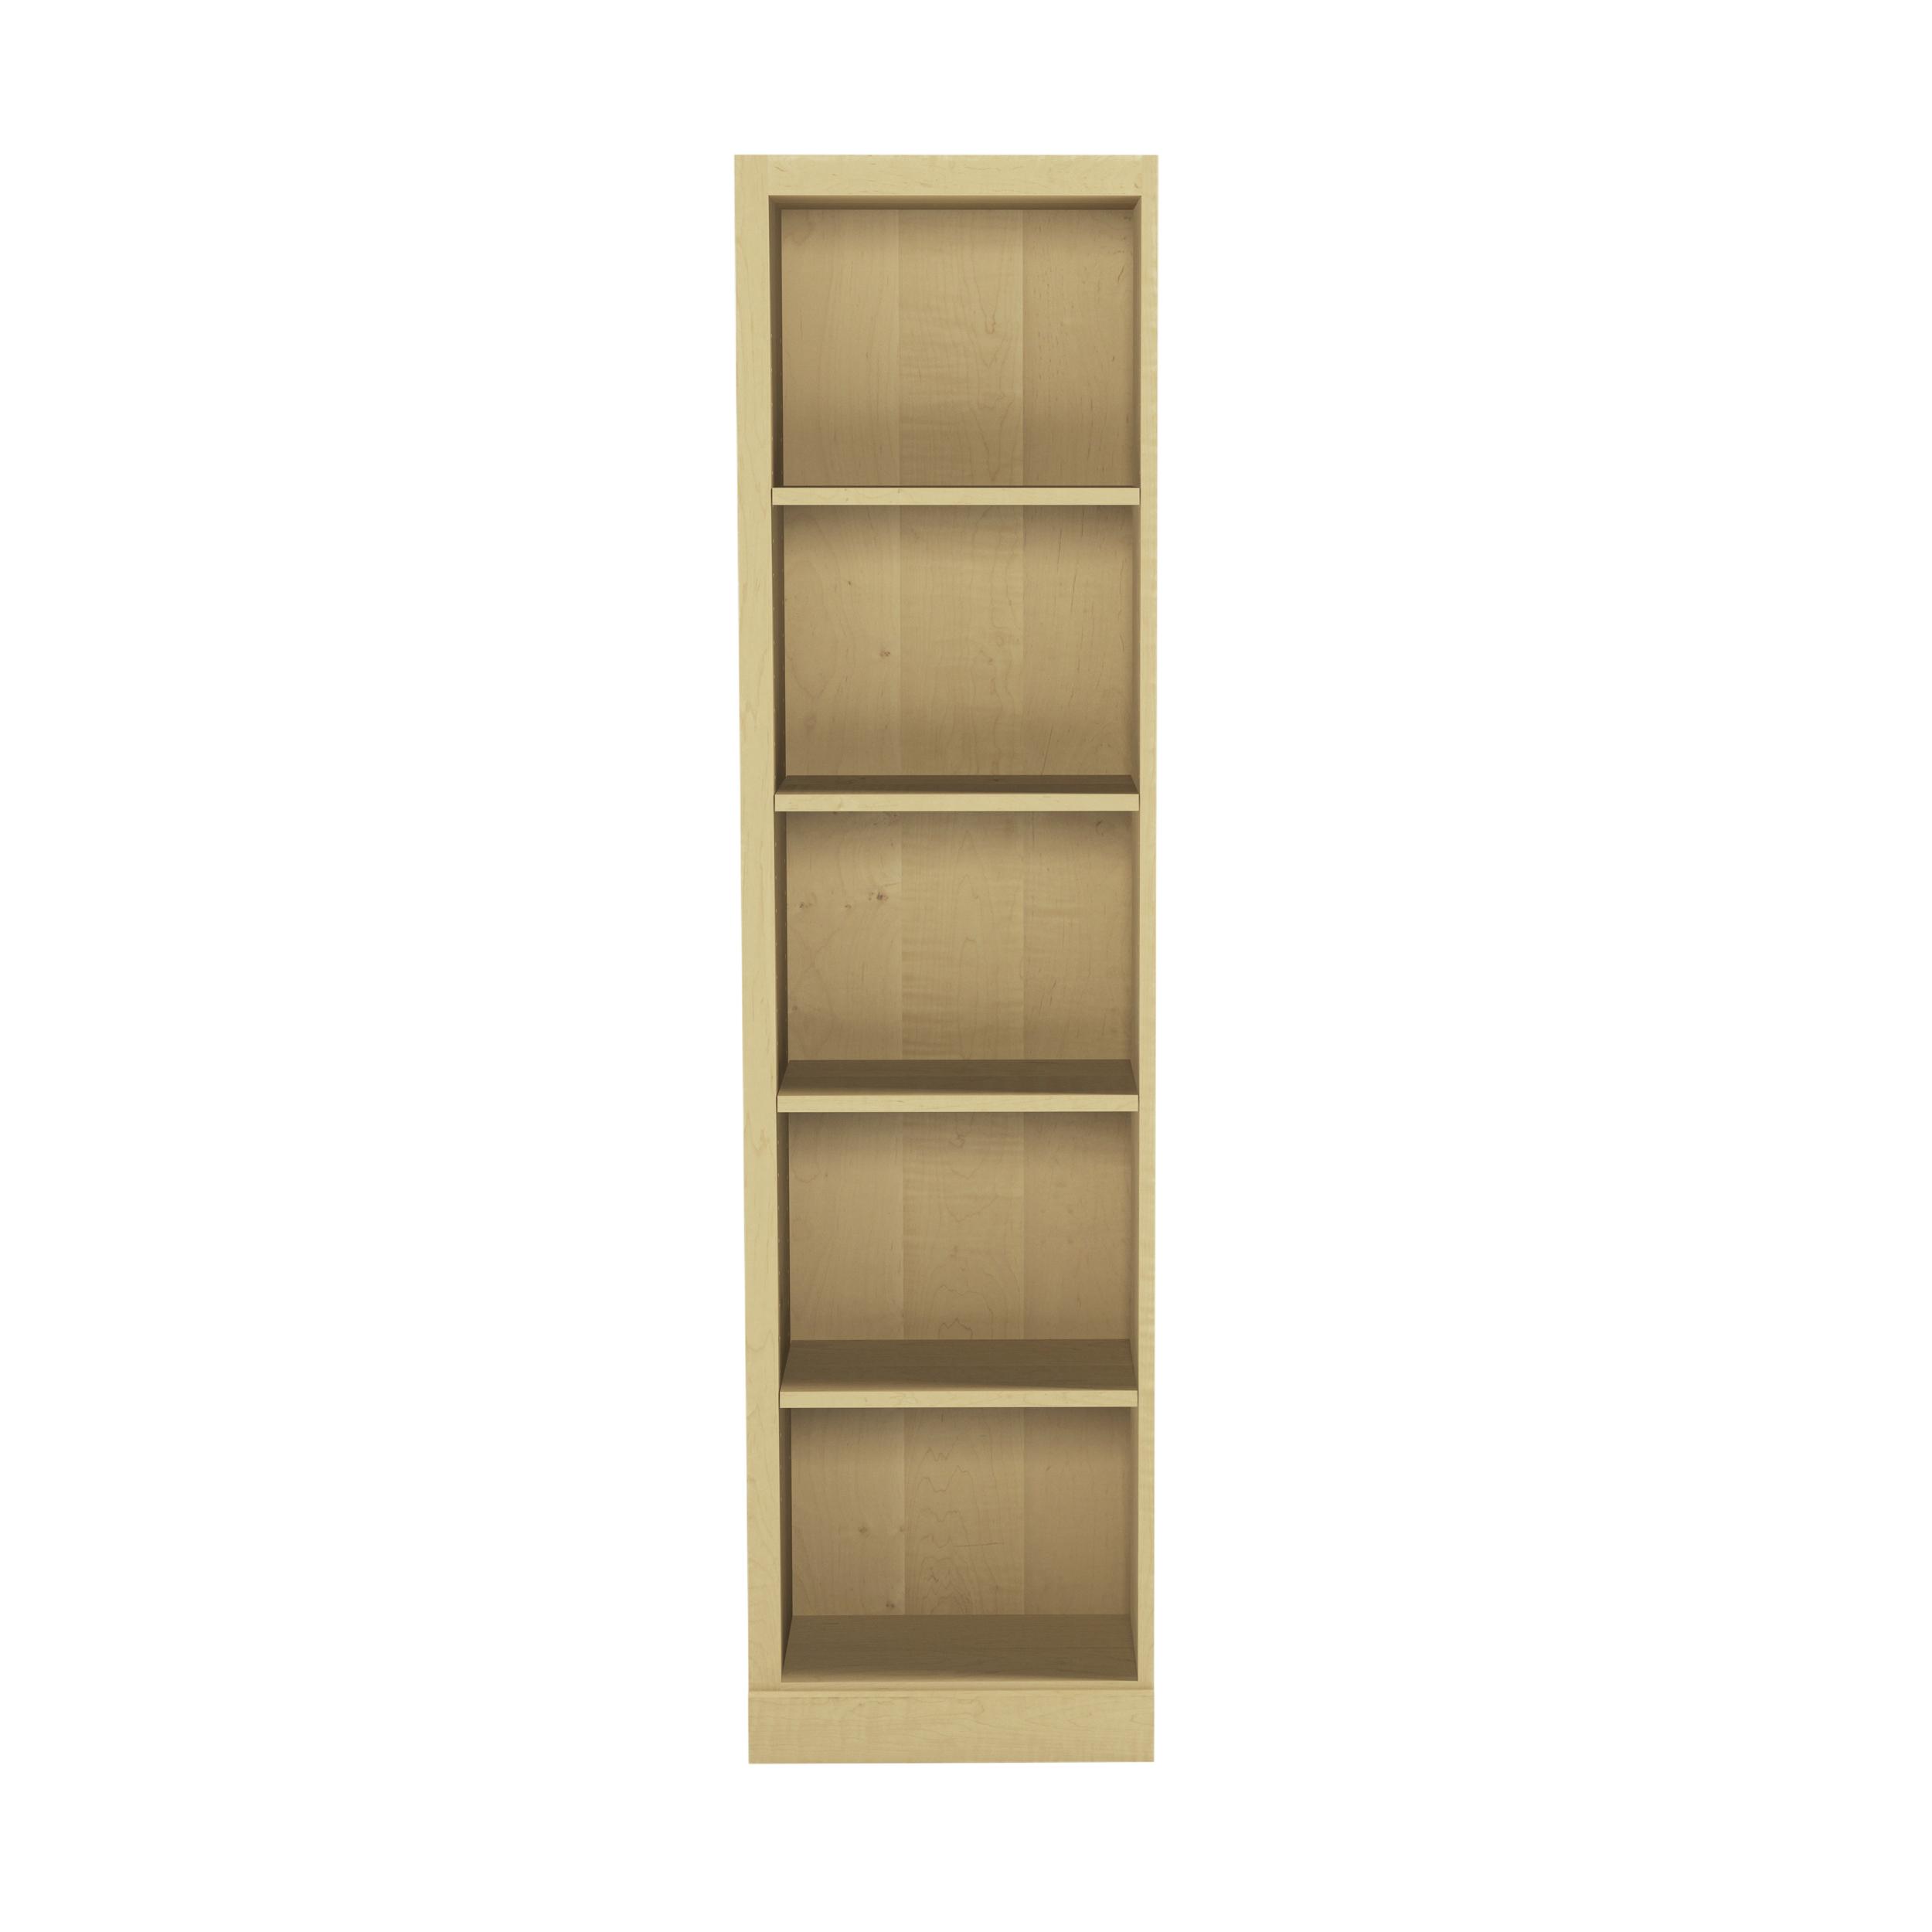 Flexmoderne 72″ In Height Leftside Bookshelf